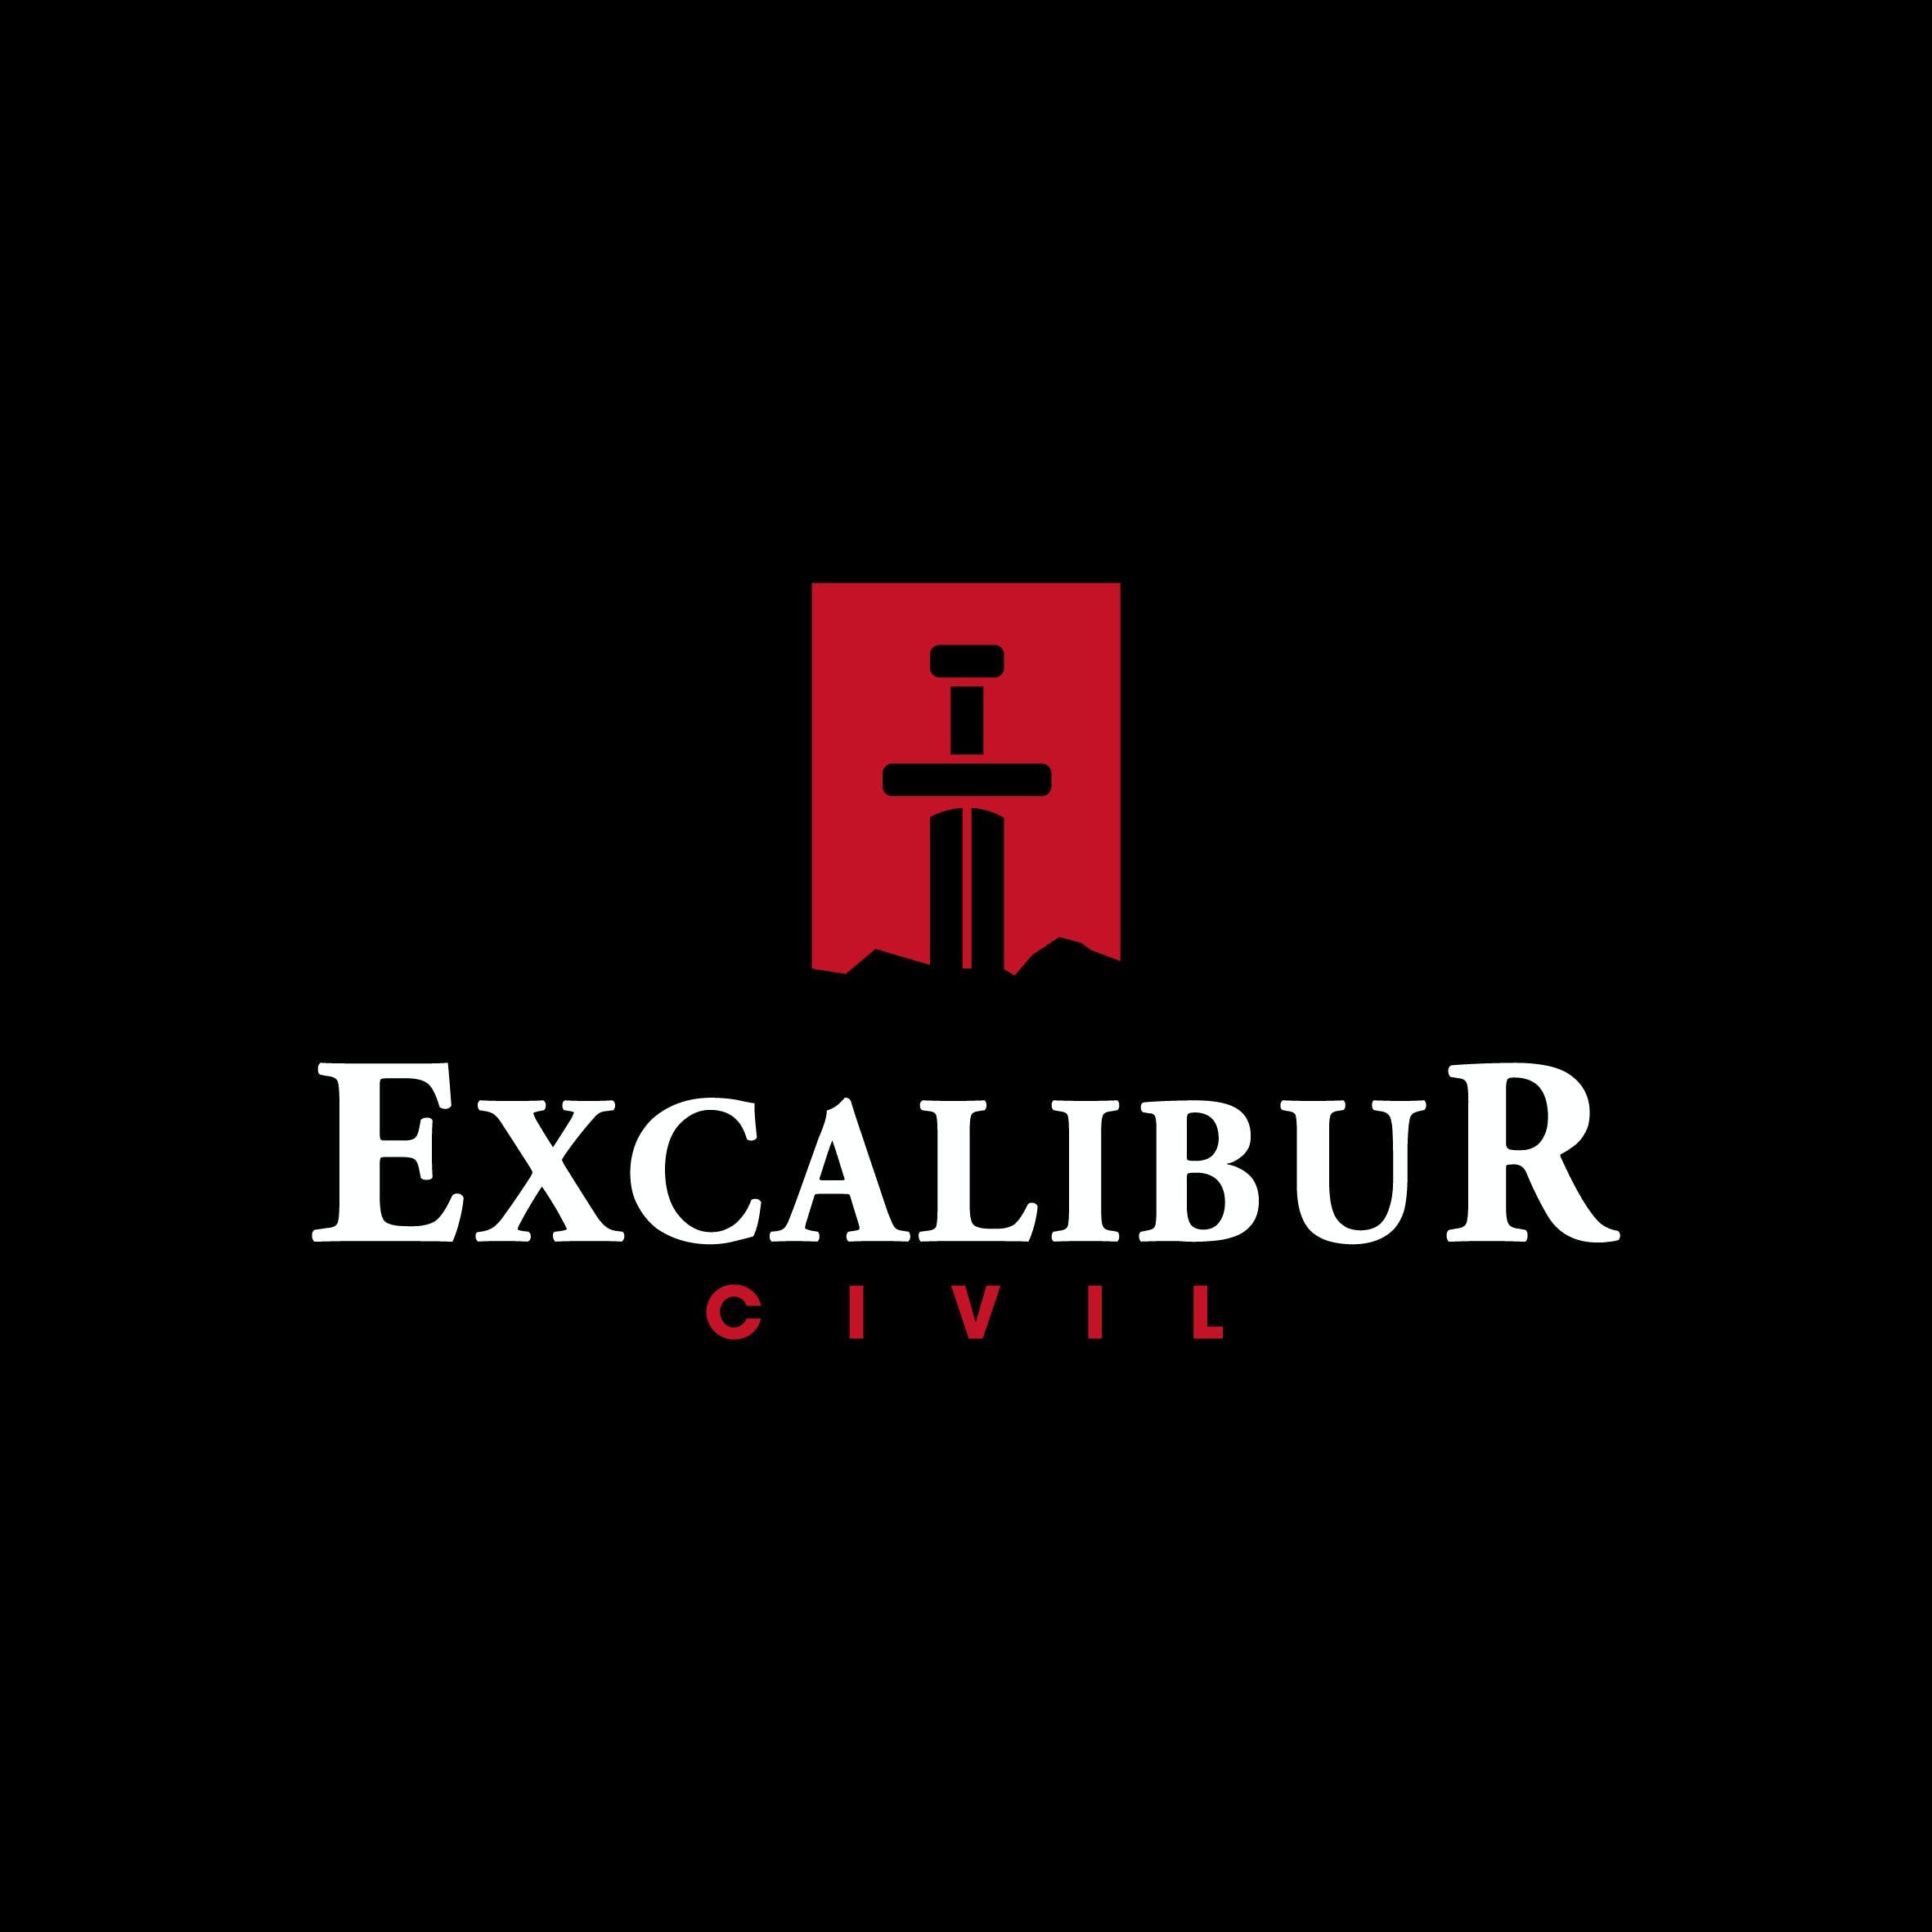 Excalibur Civil